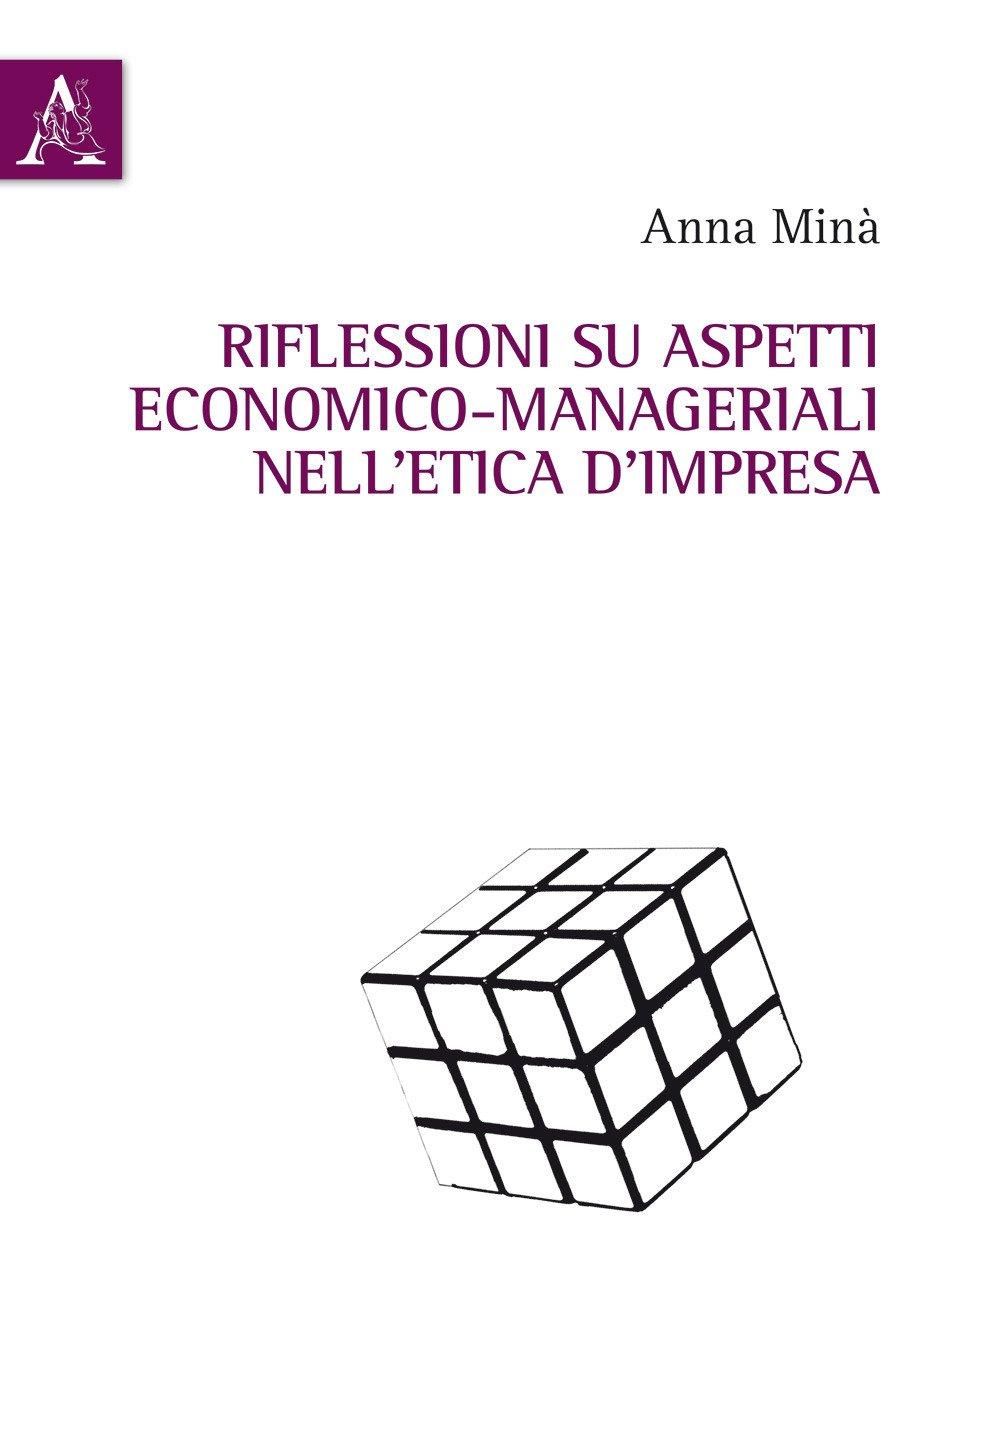 Riflessioni su aspetti economico-manageriali nell'etica d'impresa